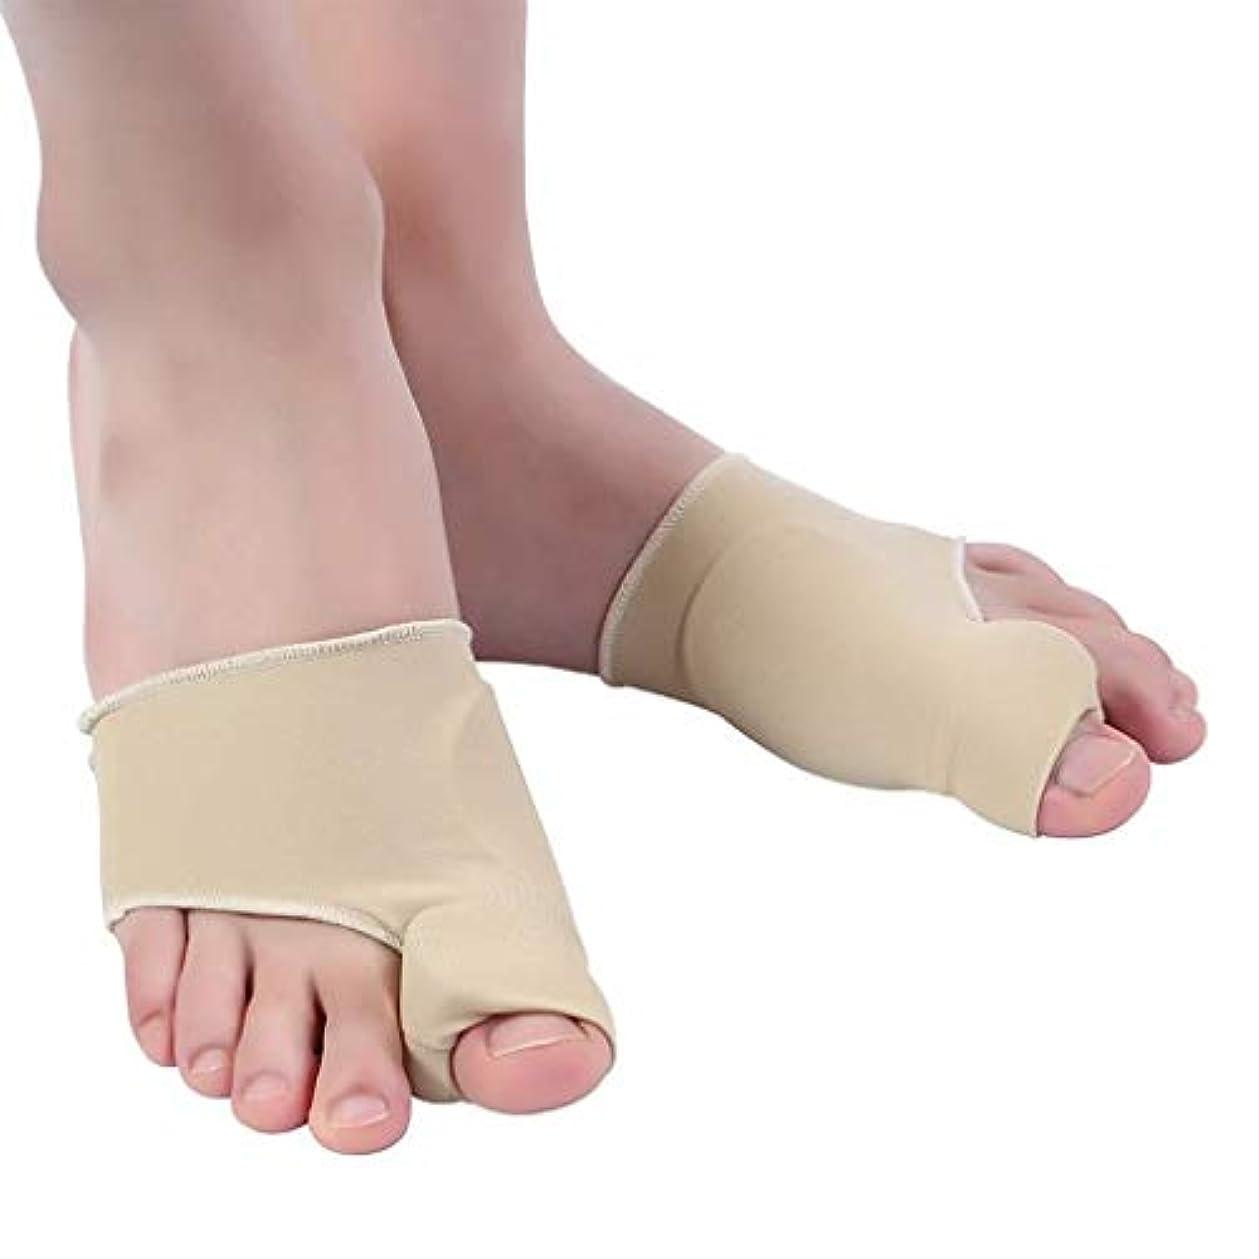 ありふれた麻痺させる取り戻すBunion Corrector Bunion SplintsとBig Toe Straightteners SeparatorナイトタイムHallux外陰部のスプリント、Bunion Relief (Size : Small)